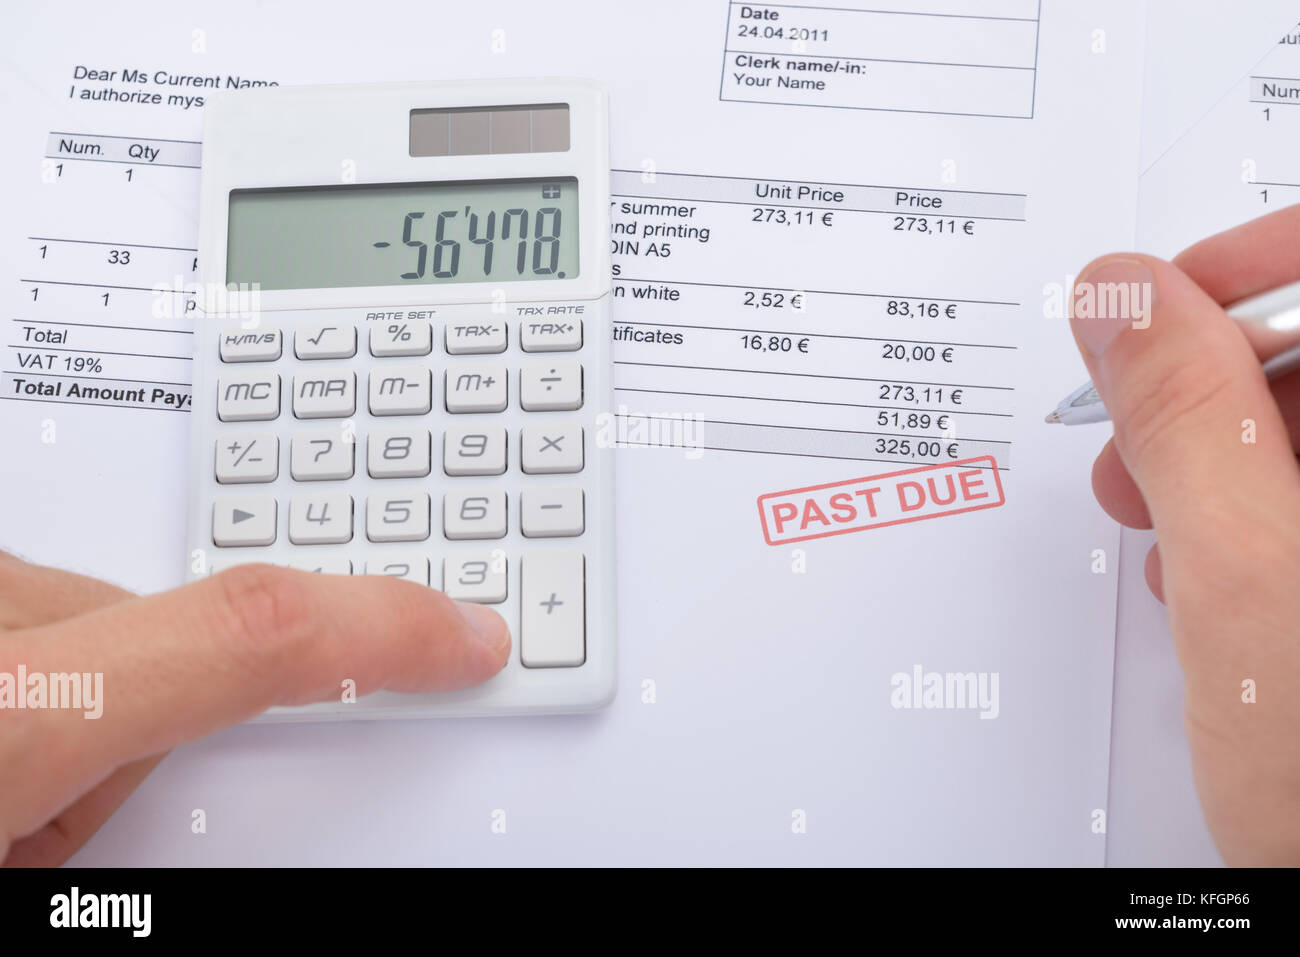 Close-up di uomo analizzando passato a causa dichiarazione utilizzando la calcolatrice Immagini Stock